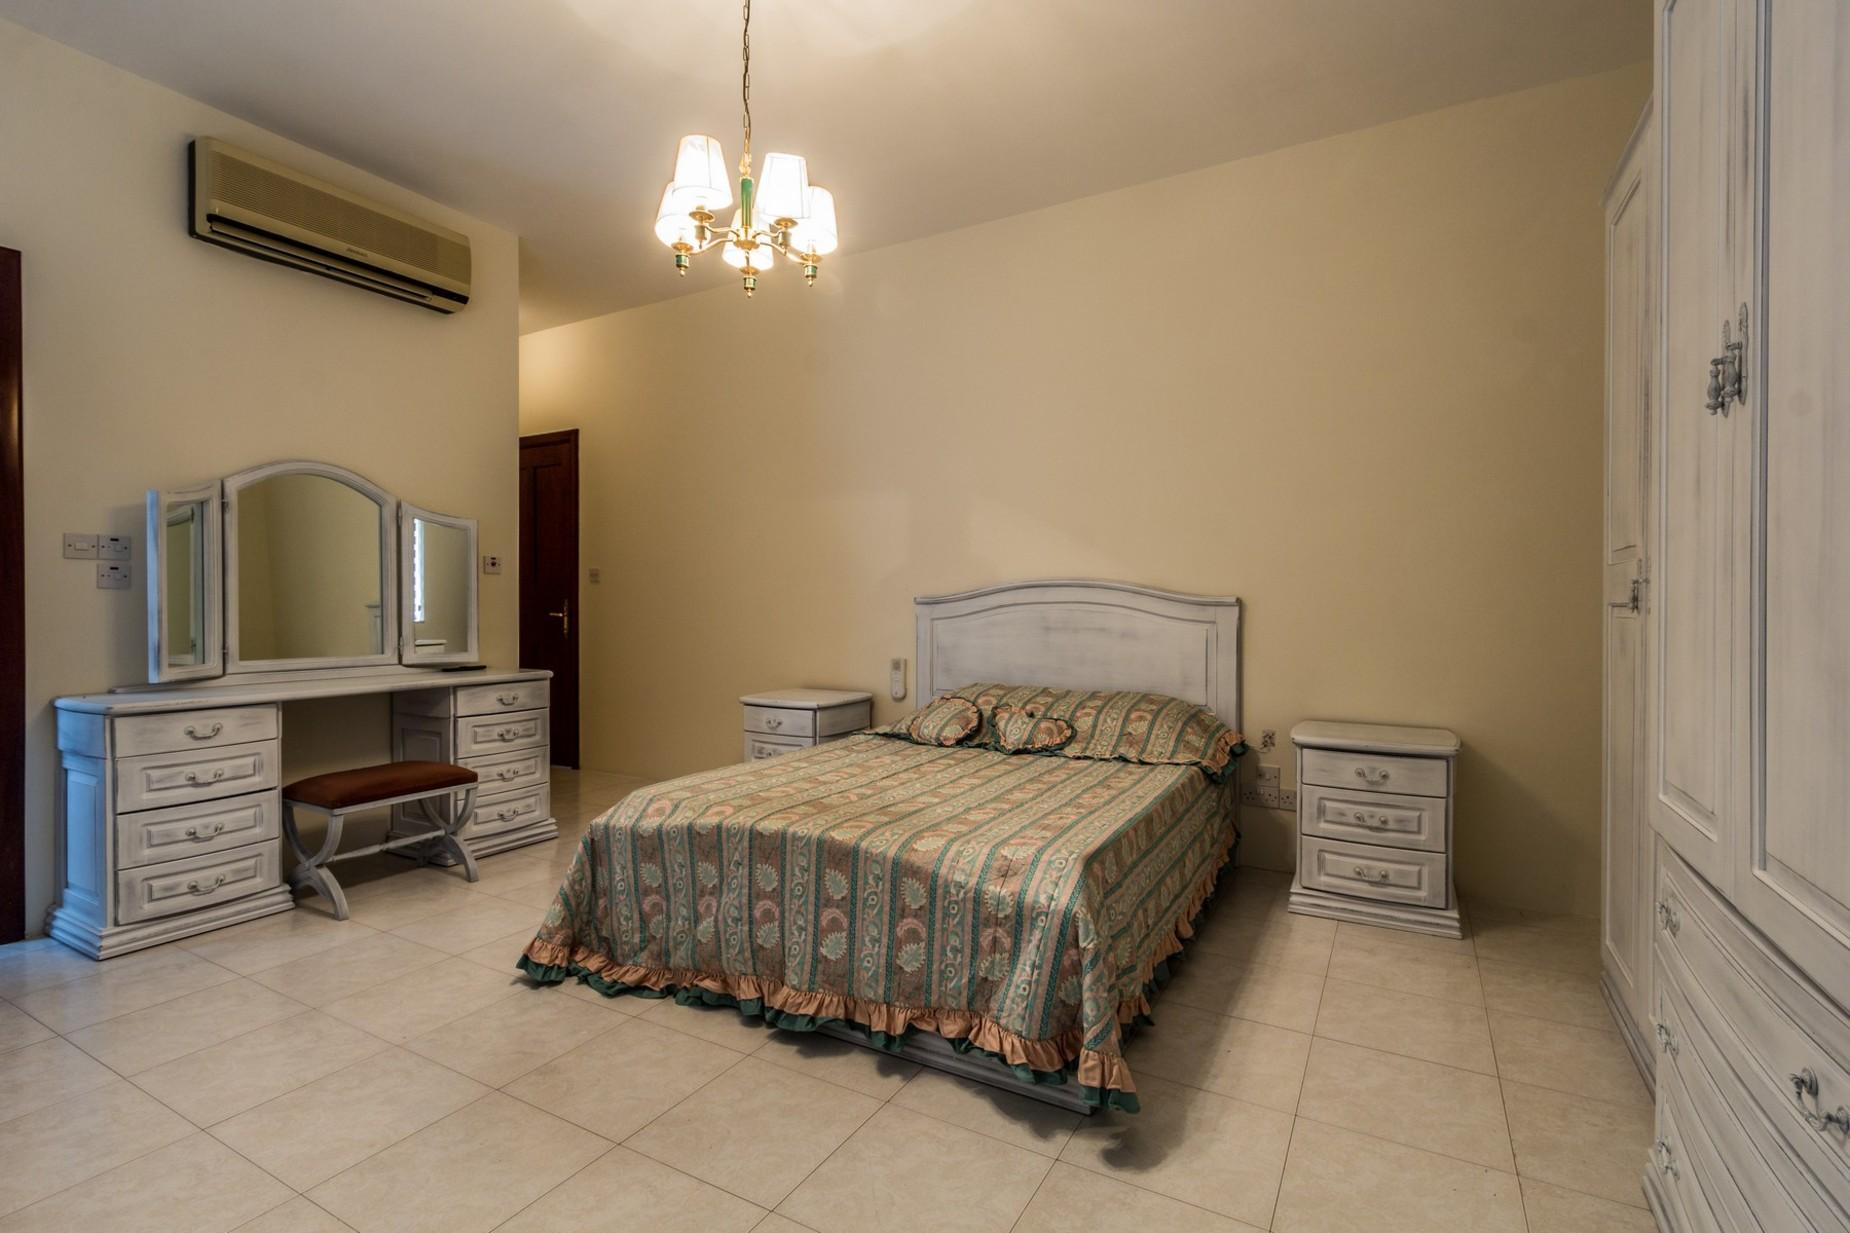 3 bed Villa For Rent in Rabat, Rabat - thumb 13